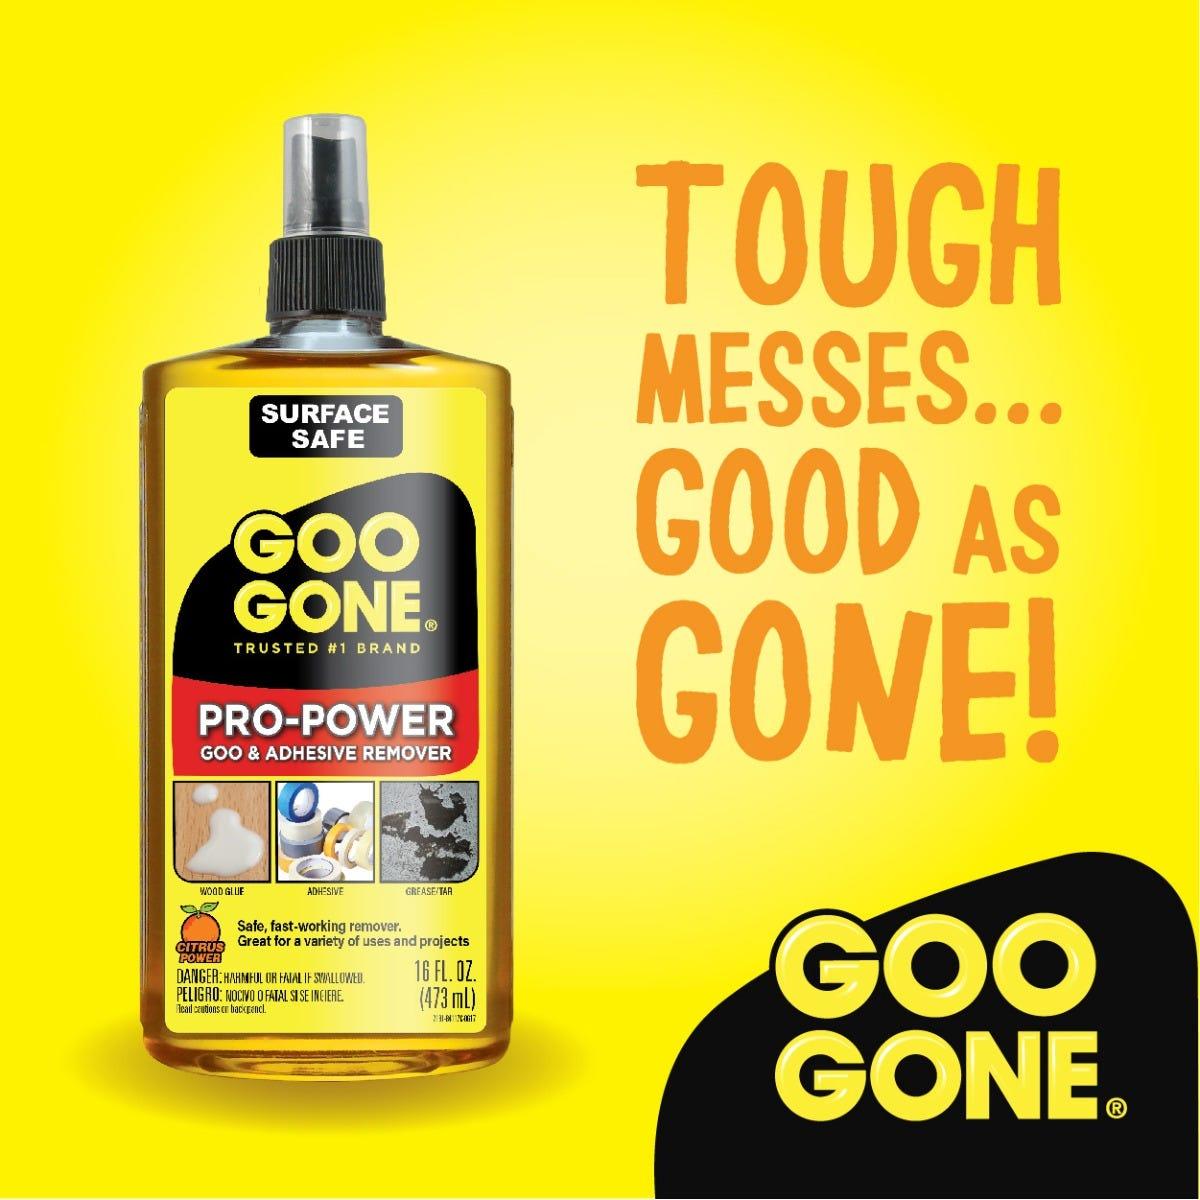 Tough Goo Removal Spray